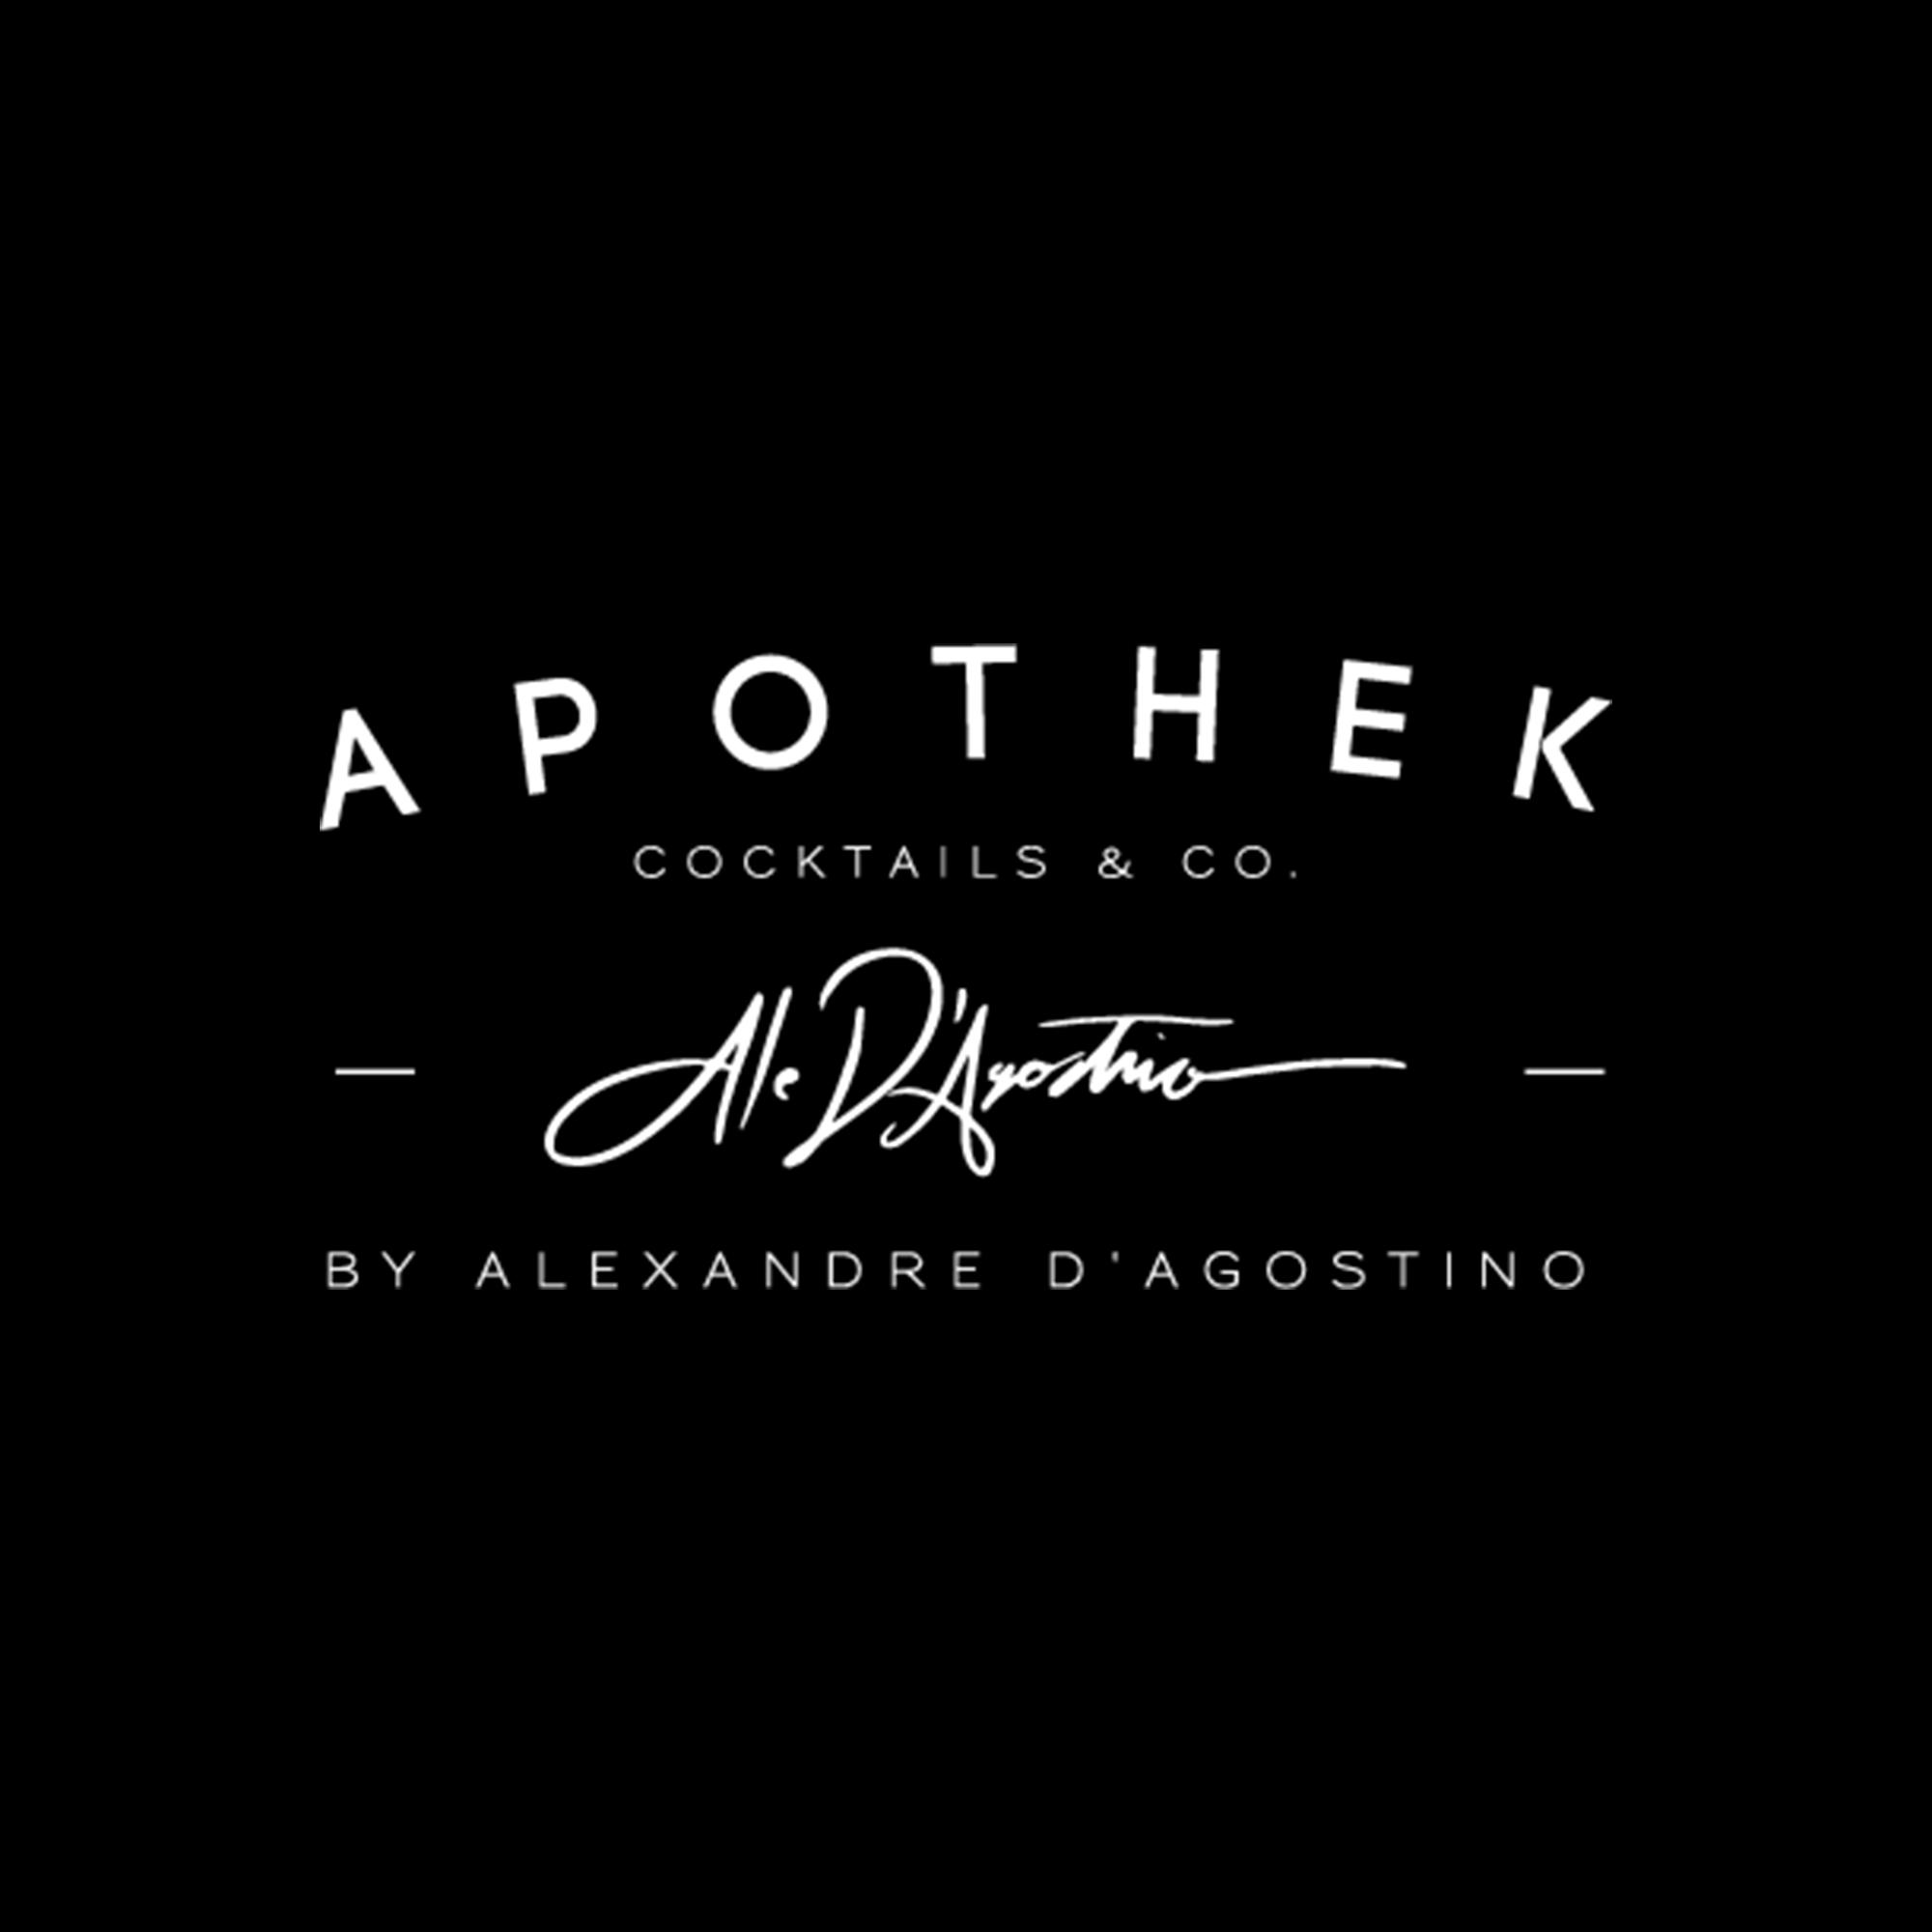 APOTHEK COCKTAILS